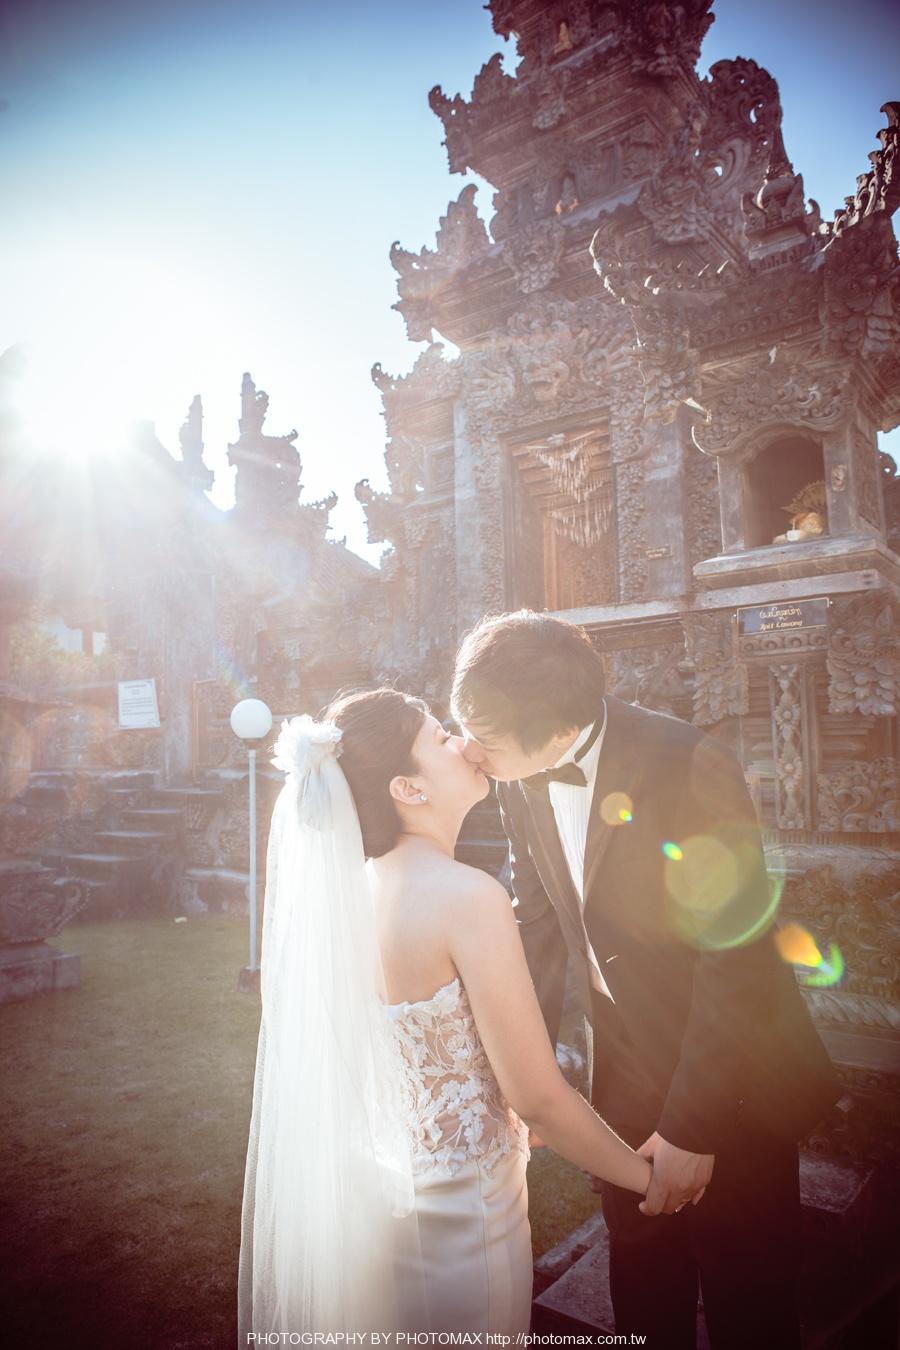 王鹏 PHOTOMAX 老麦摄影 巴厘岛婚纱摄影 (22)